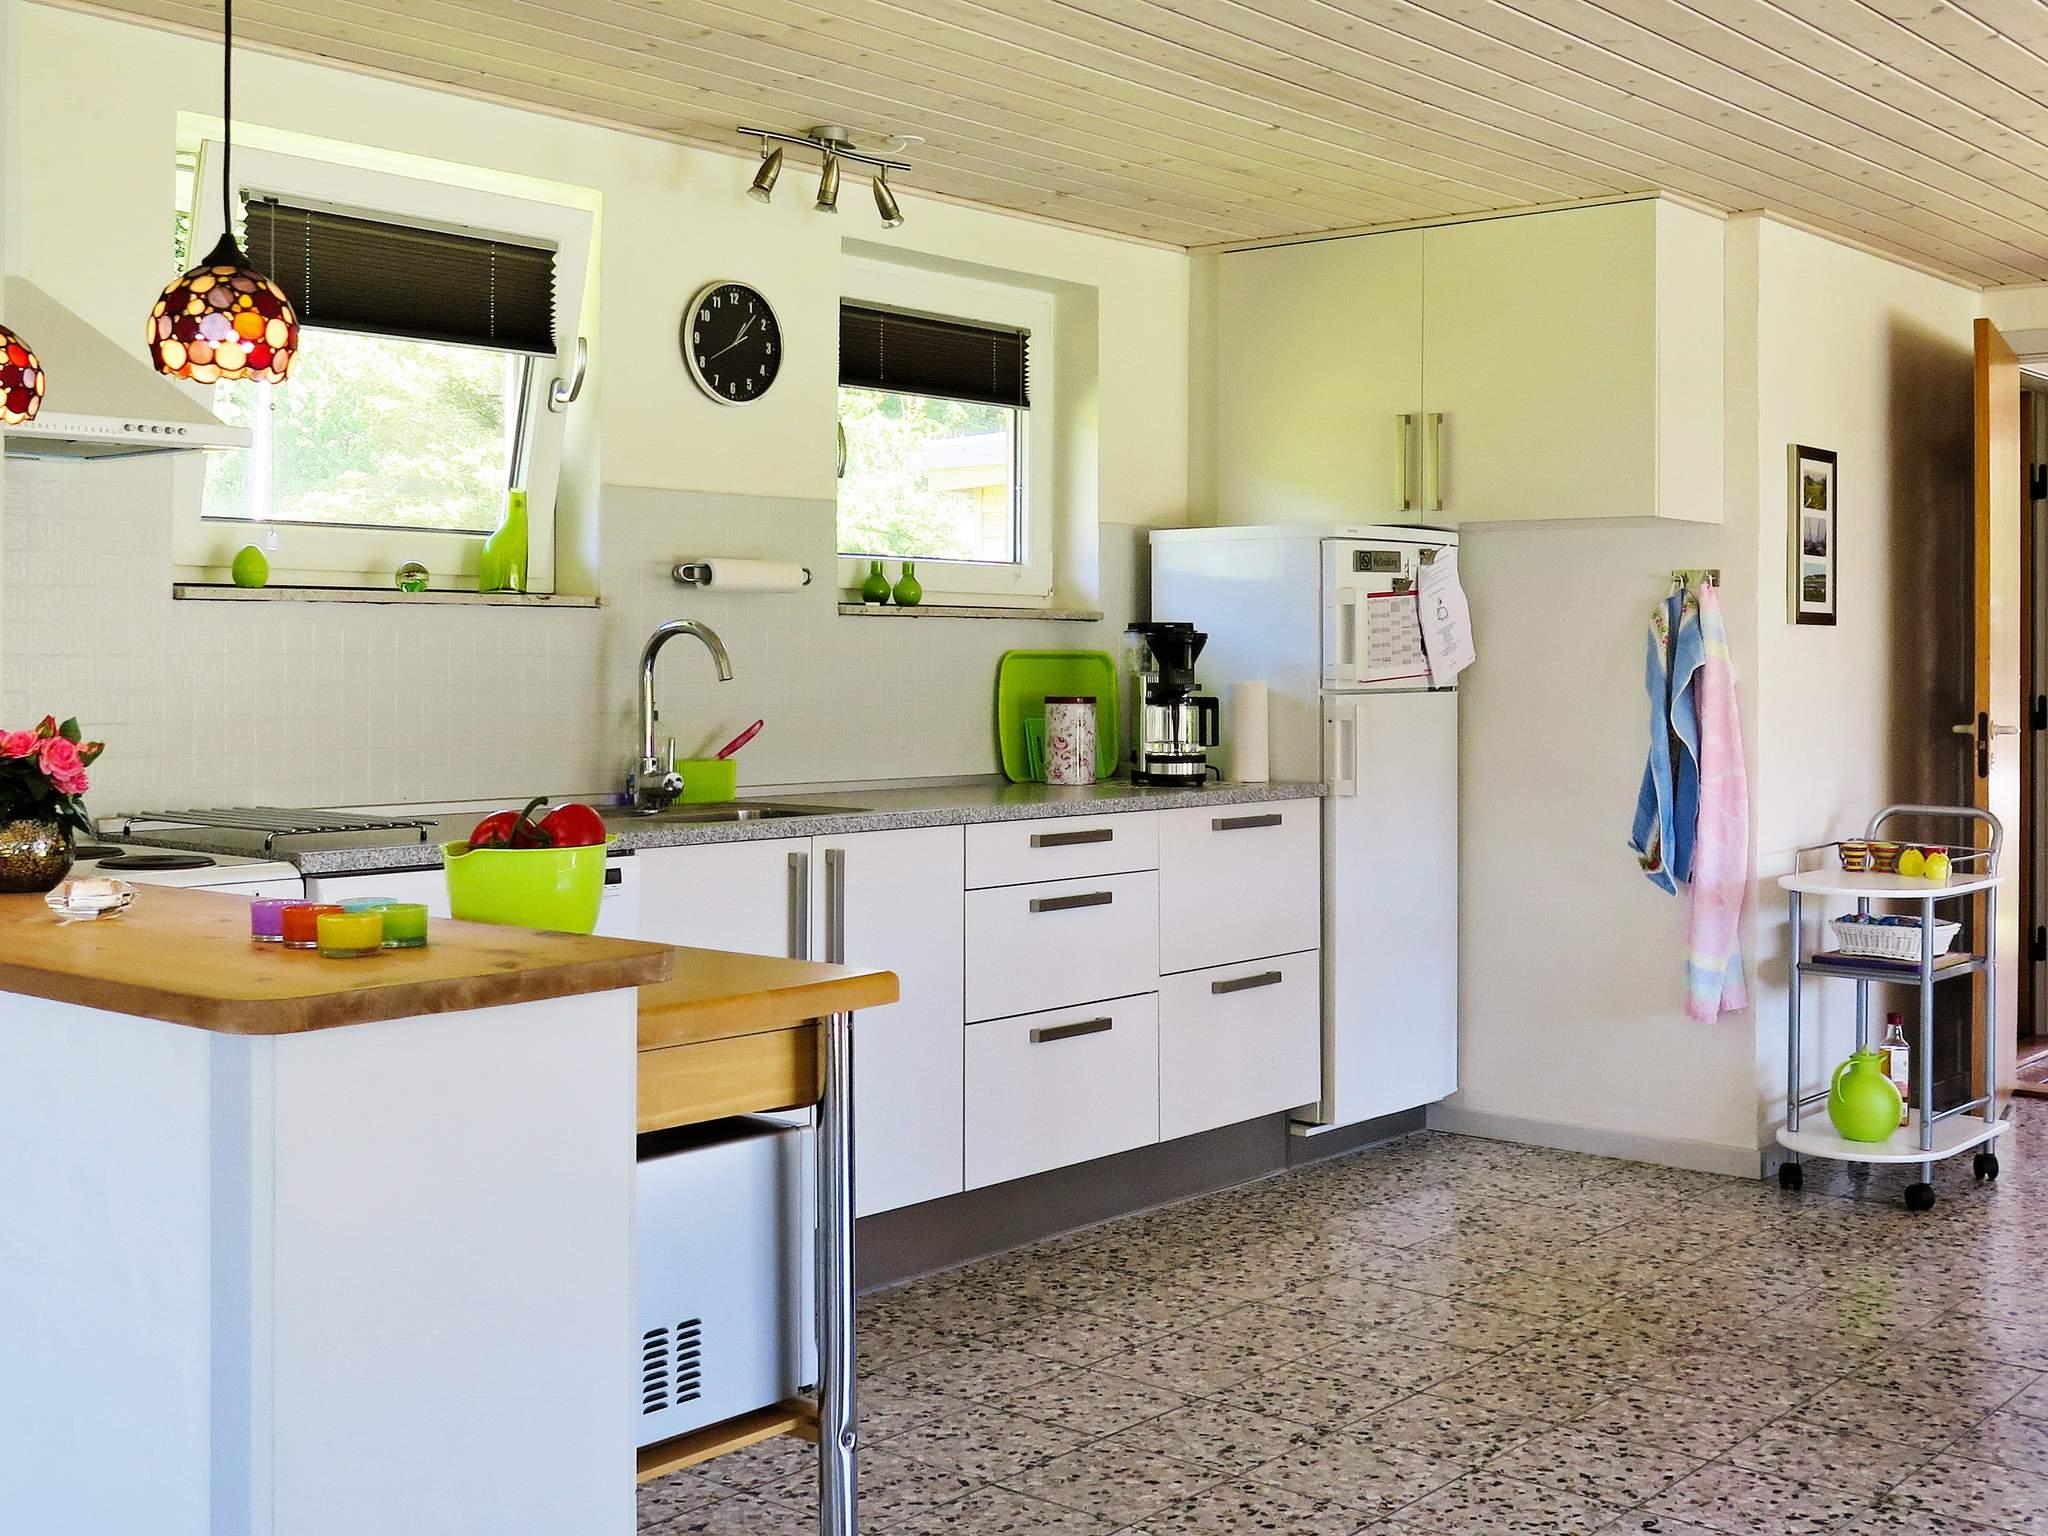 Ferienhaus Toftum Bjerge (84222), Struer, , Limfjord, Dänemark, Bild 6